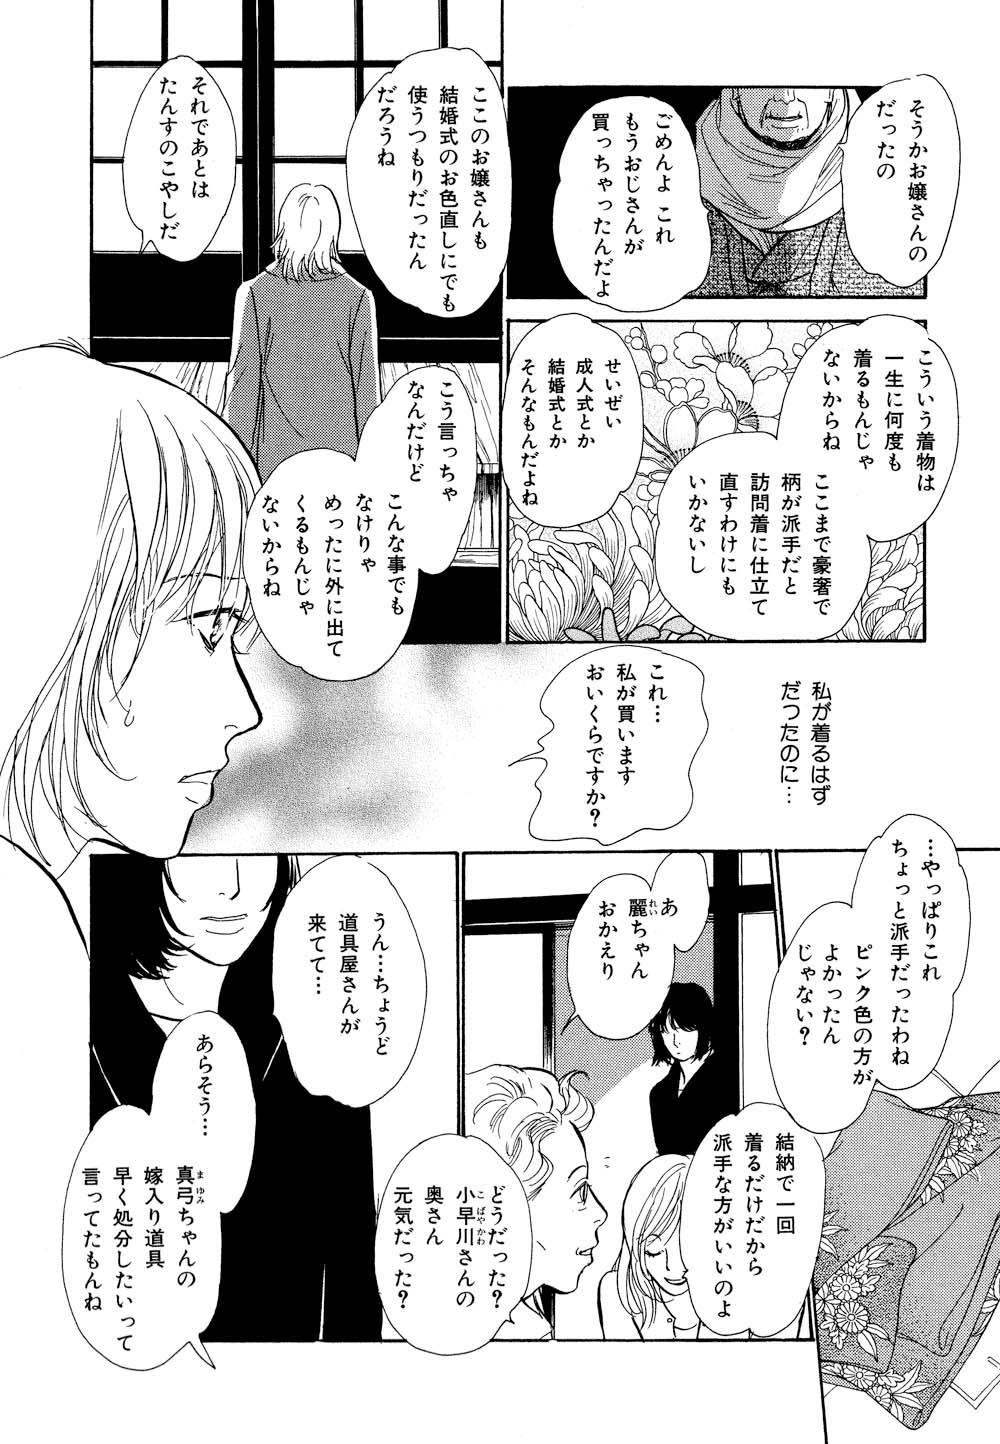 百鬼夜行抄_13_0078.jpg